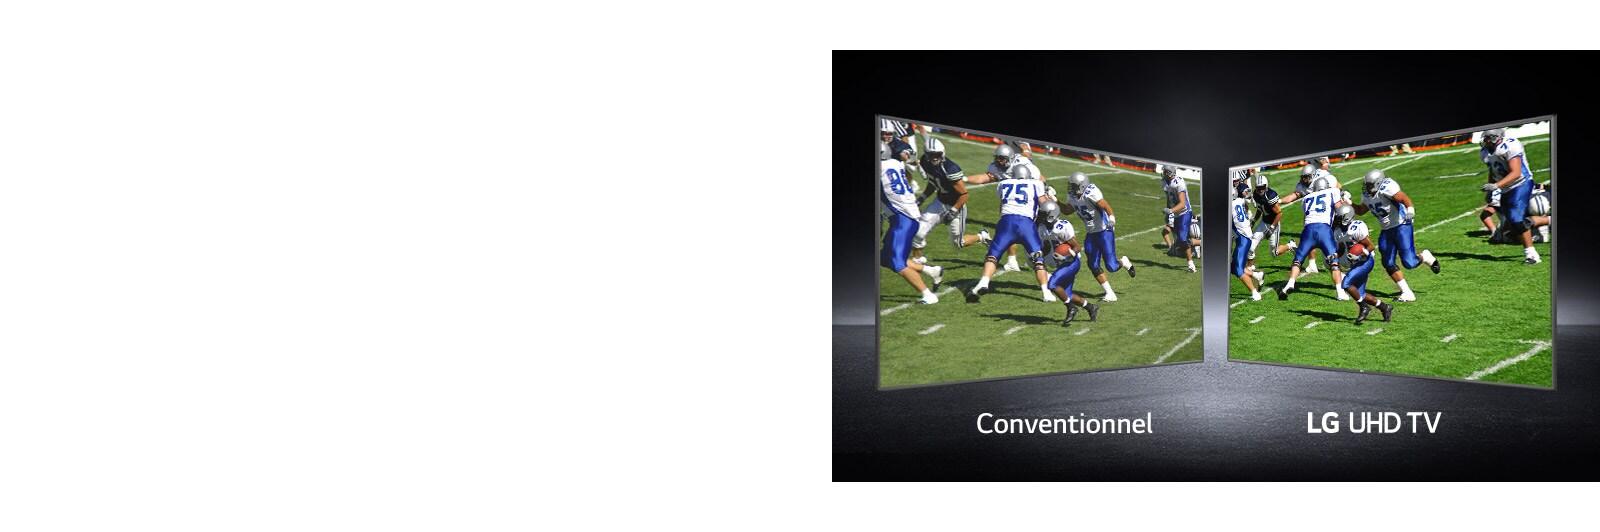 Image de joueurs jouant sur un terrain de football illustrée sur deux écrans. L'un est un écran conventionnel et l'autre un téléviseur UHD.